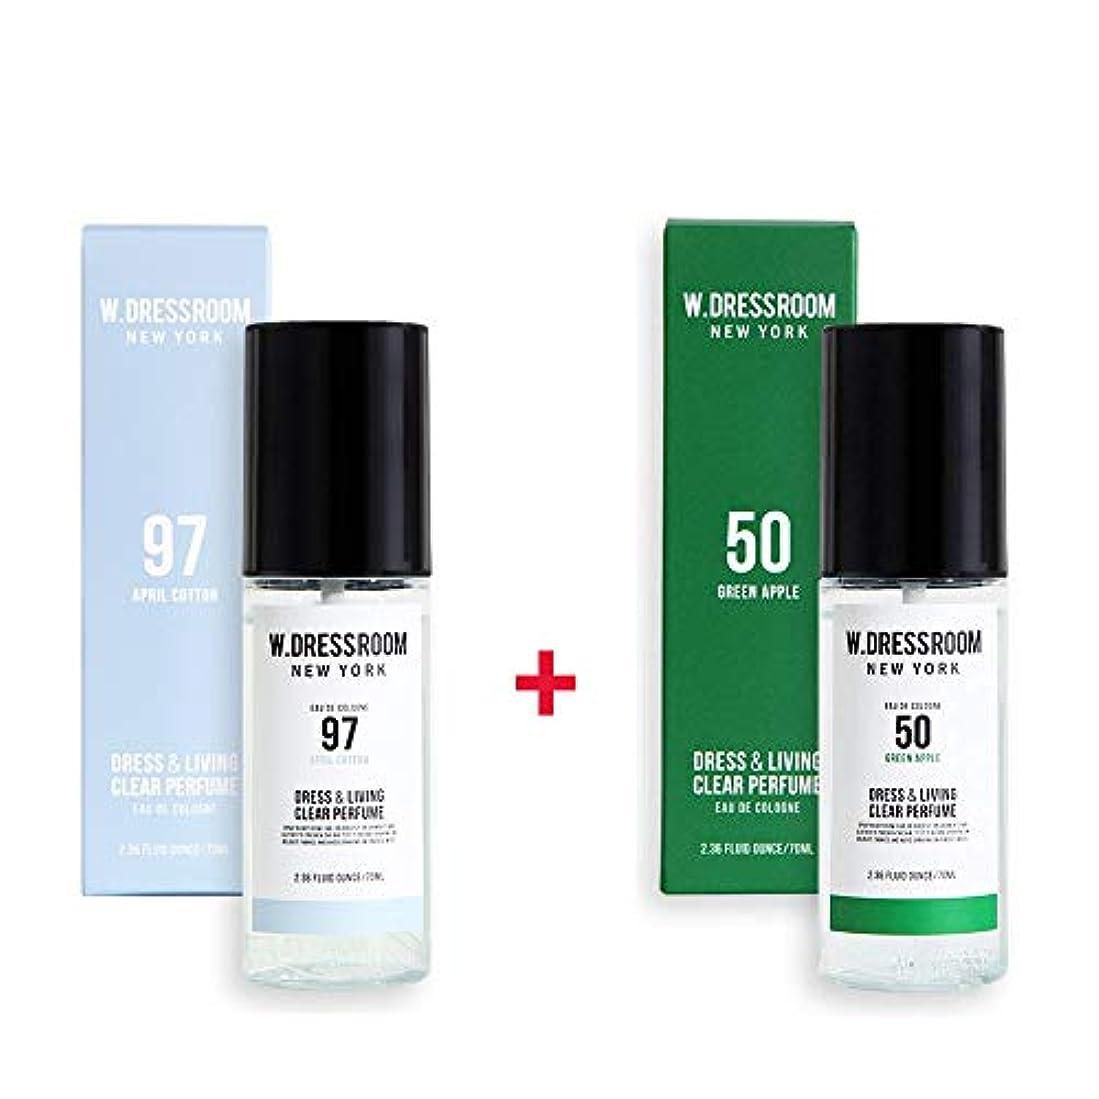 辛いトン正午W.DRESSROOM Dress & Living Clear Perfume 70ml (No 97 April Cotton)+(No 50 Green Apple)